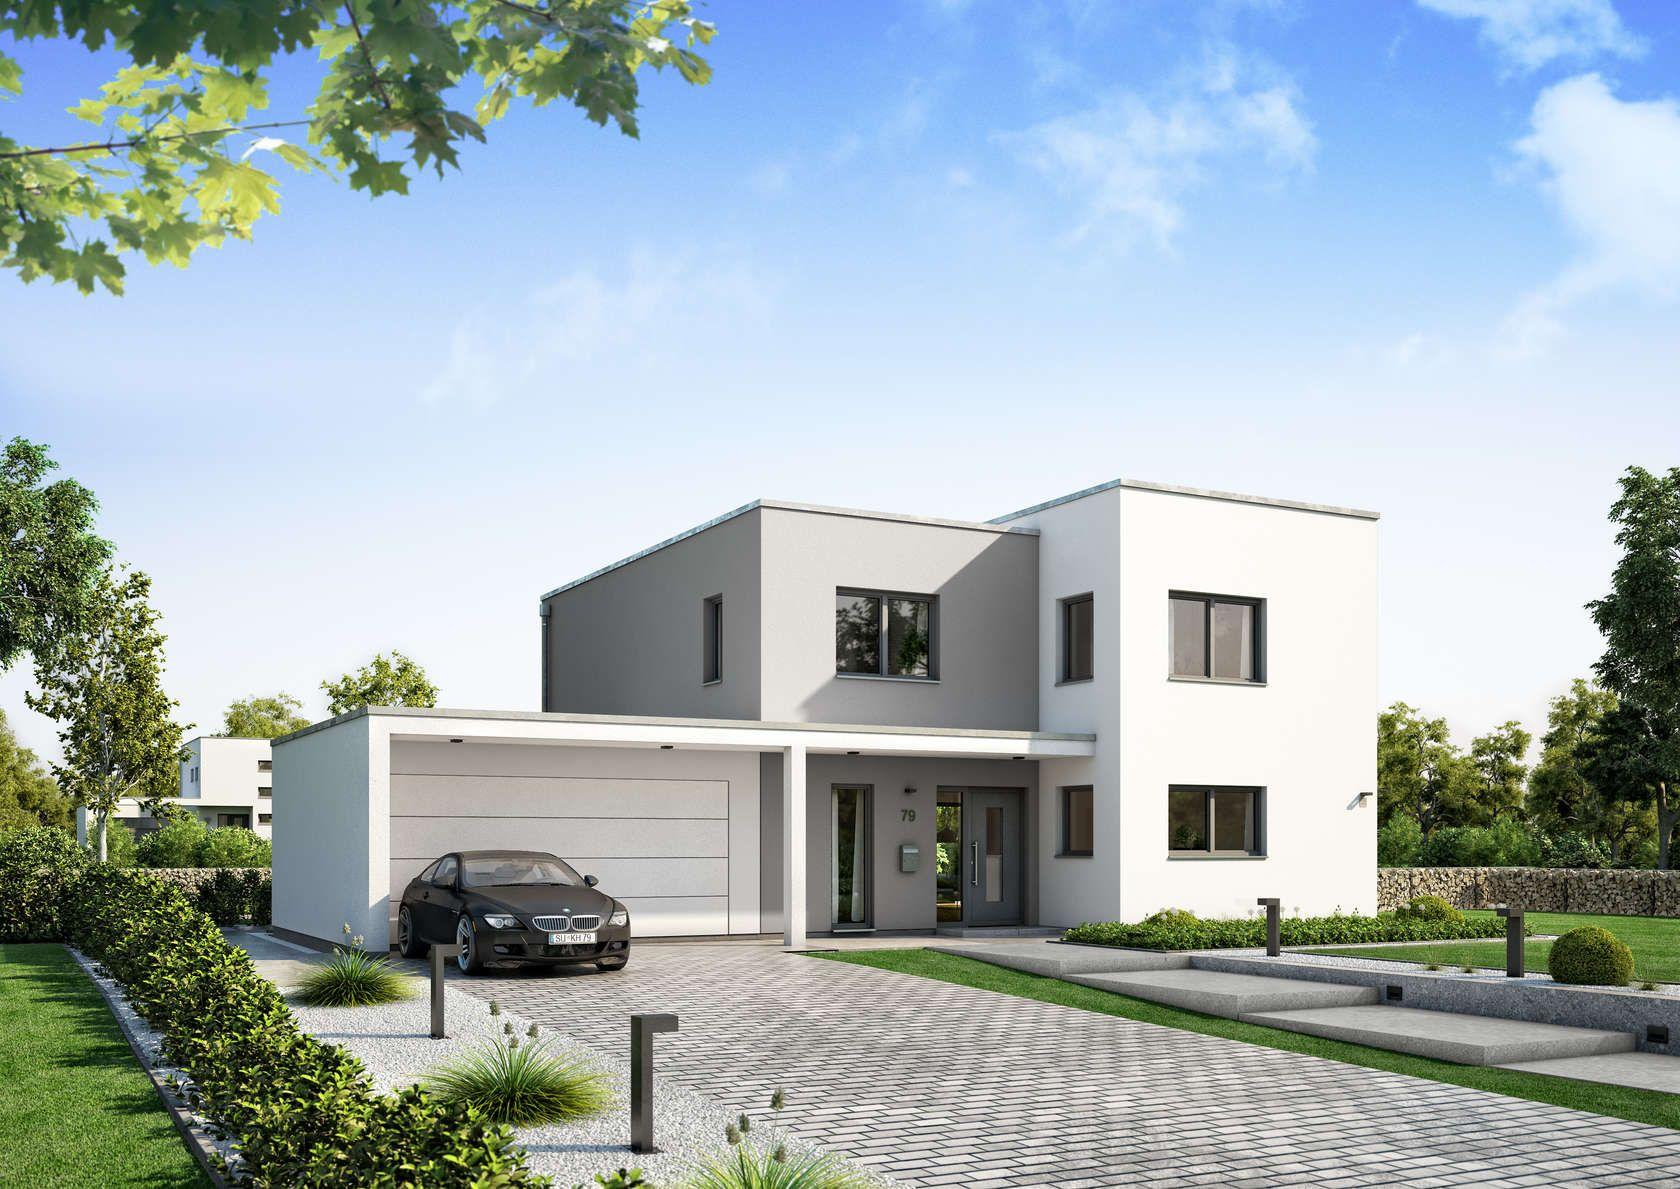 Einfamilienhaus modern Holzhaus versetztes Pultdach modern Fenster ...